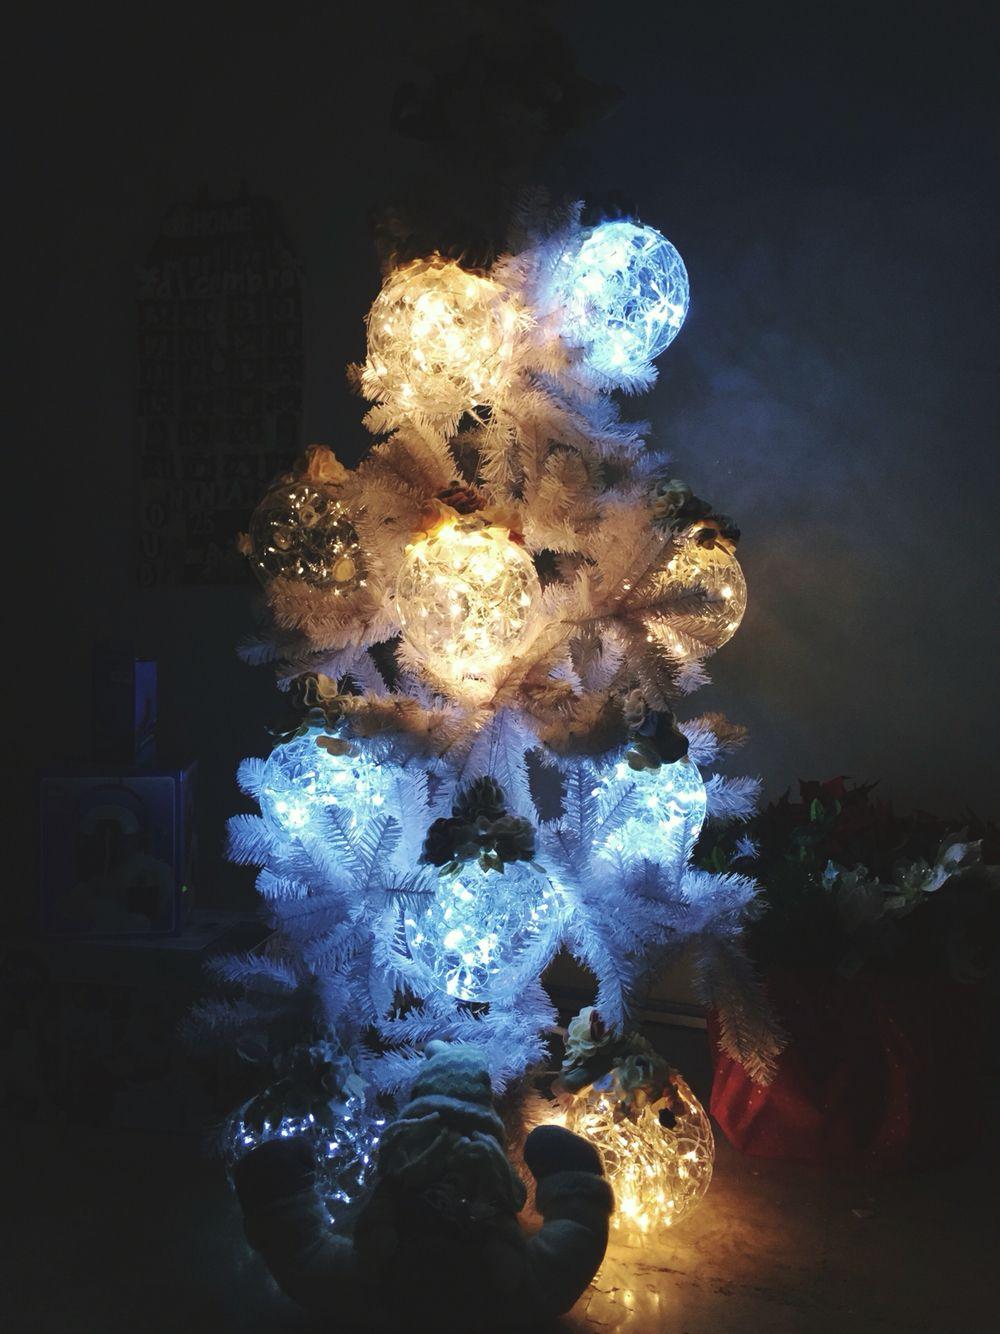 I pianeti luminosi - Maddalena il mondo magico di Madda